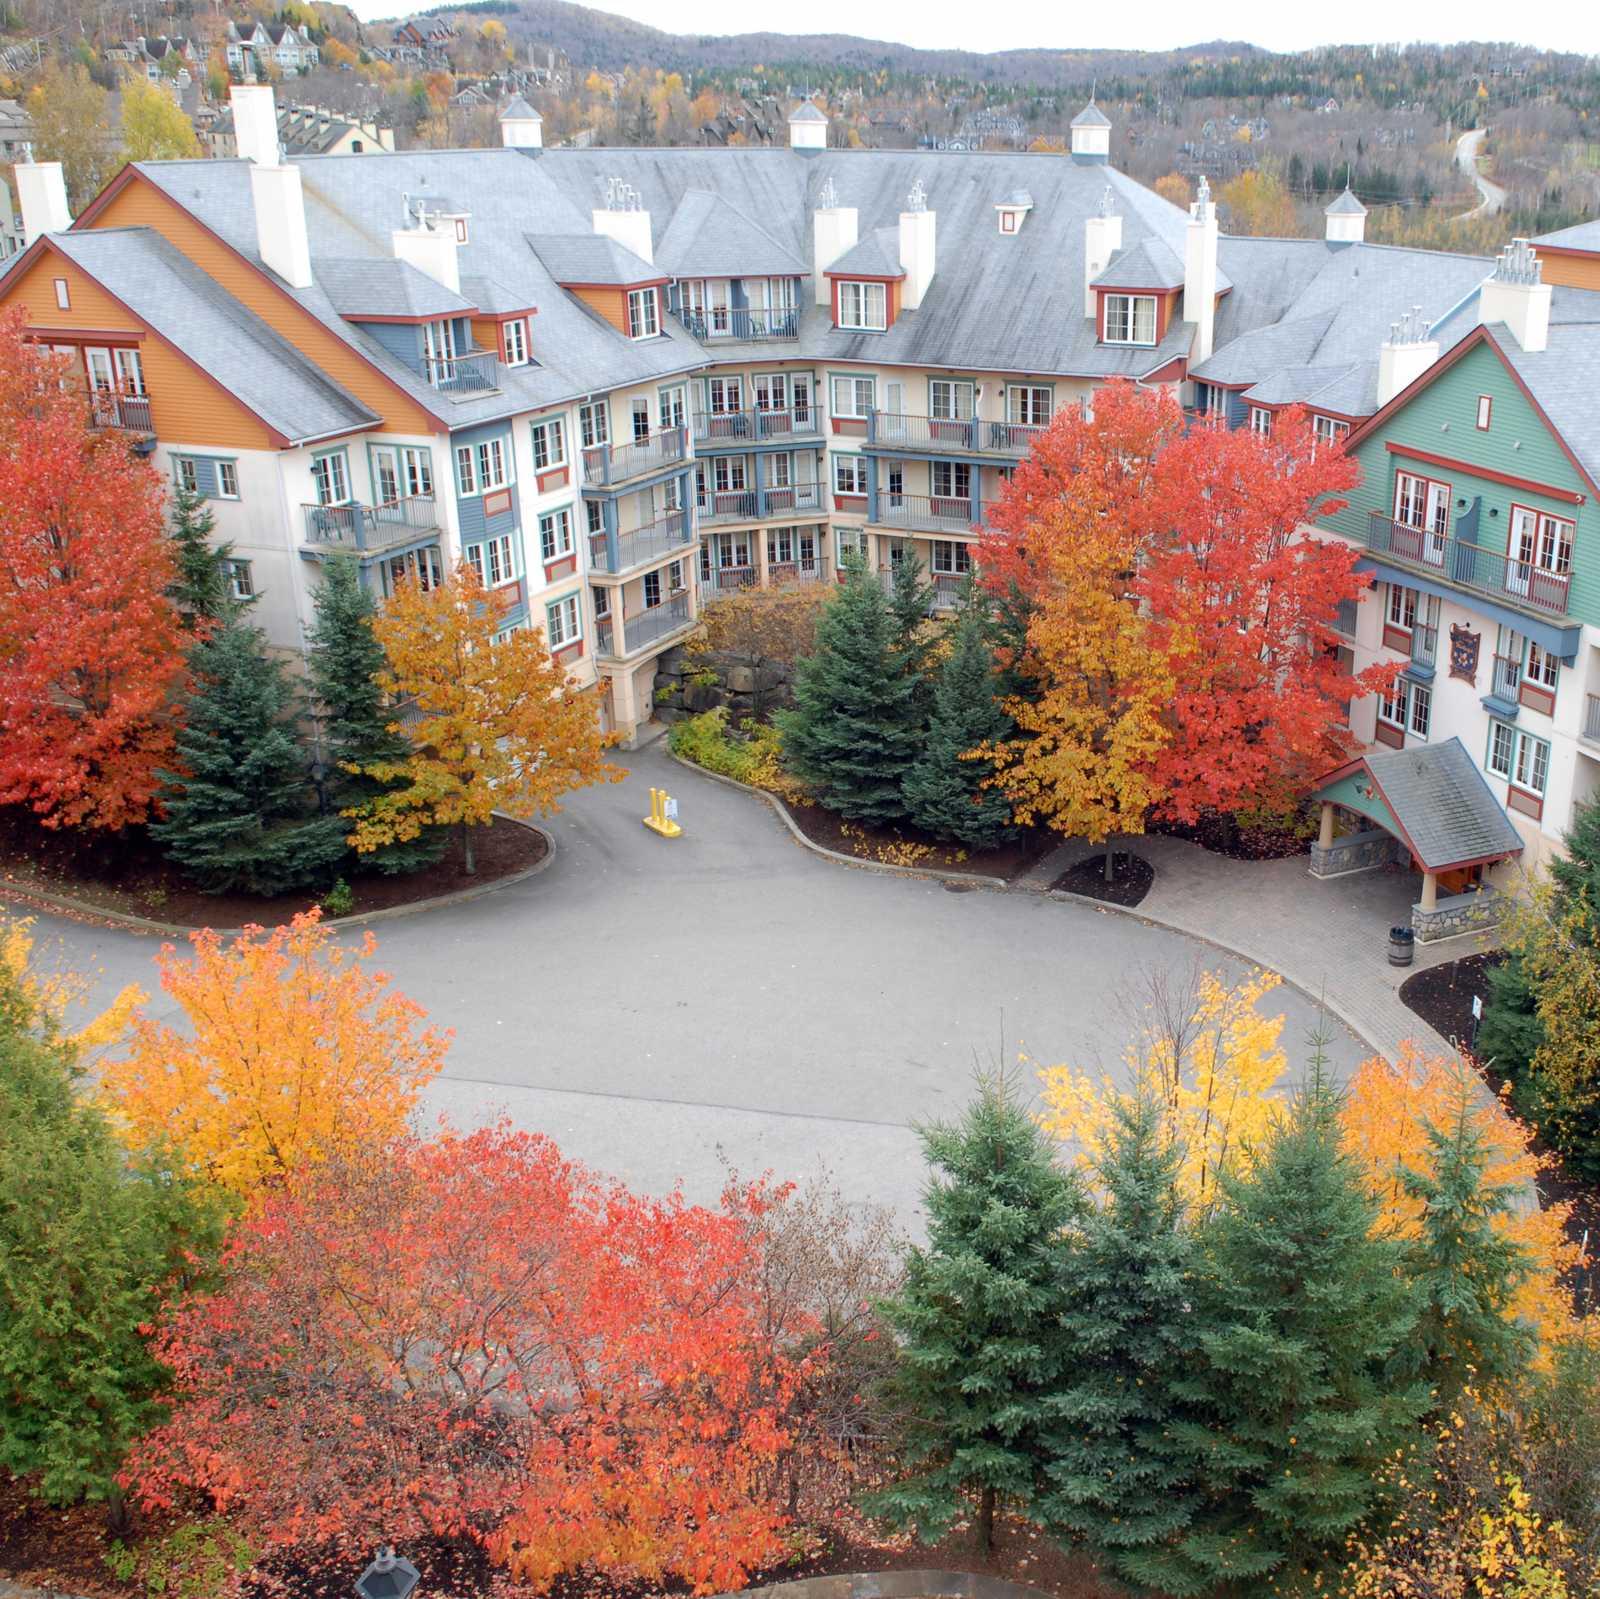 Les Suites Tremblant - Lodge De La Montagne